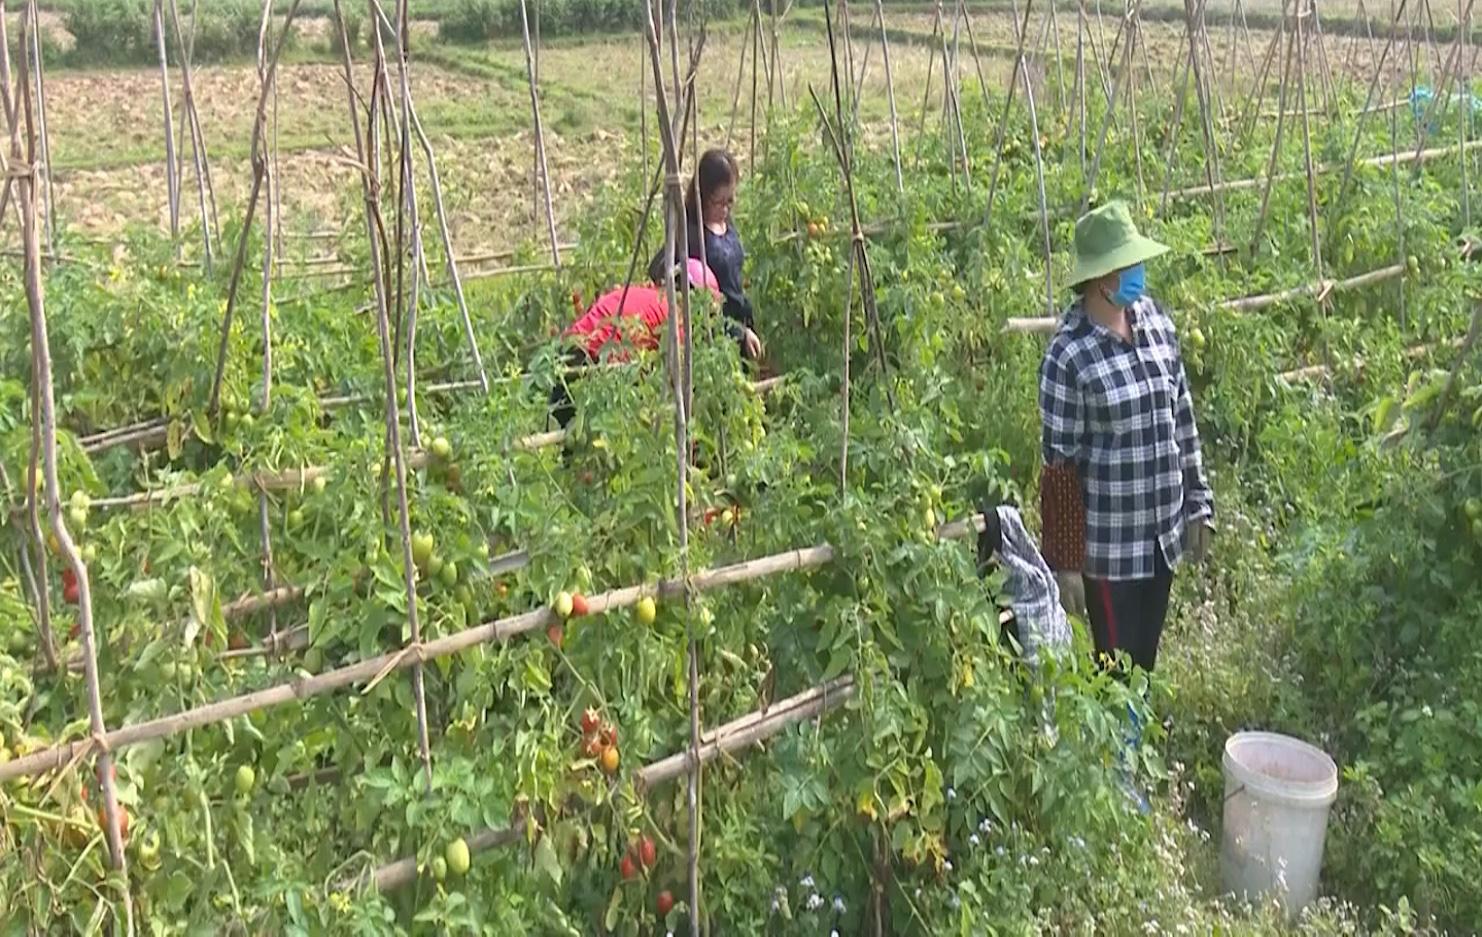 Cao Bằng: Vì đâu cà chua chín đỏ rực cả cánh đồng nhưng nông dân không mặn mà thu hái? - Ảnh 2.